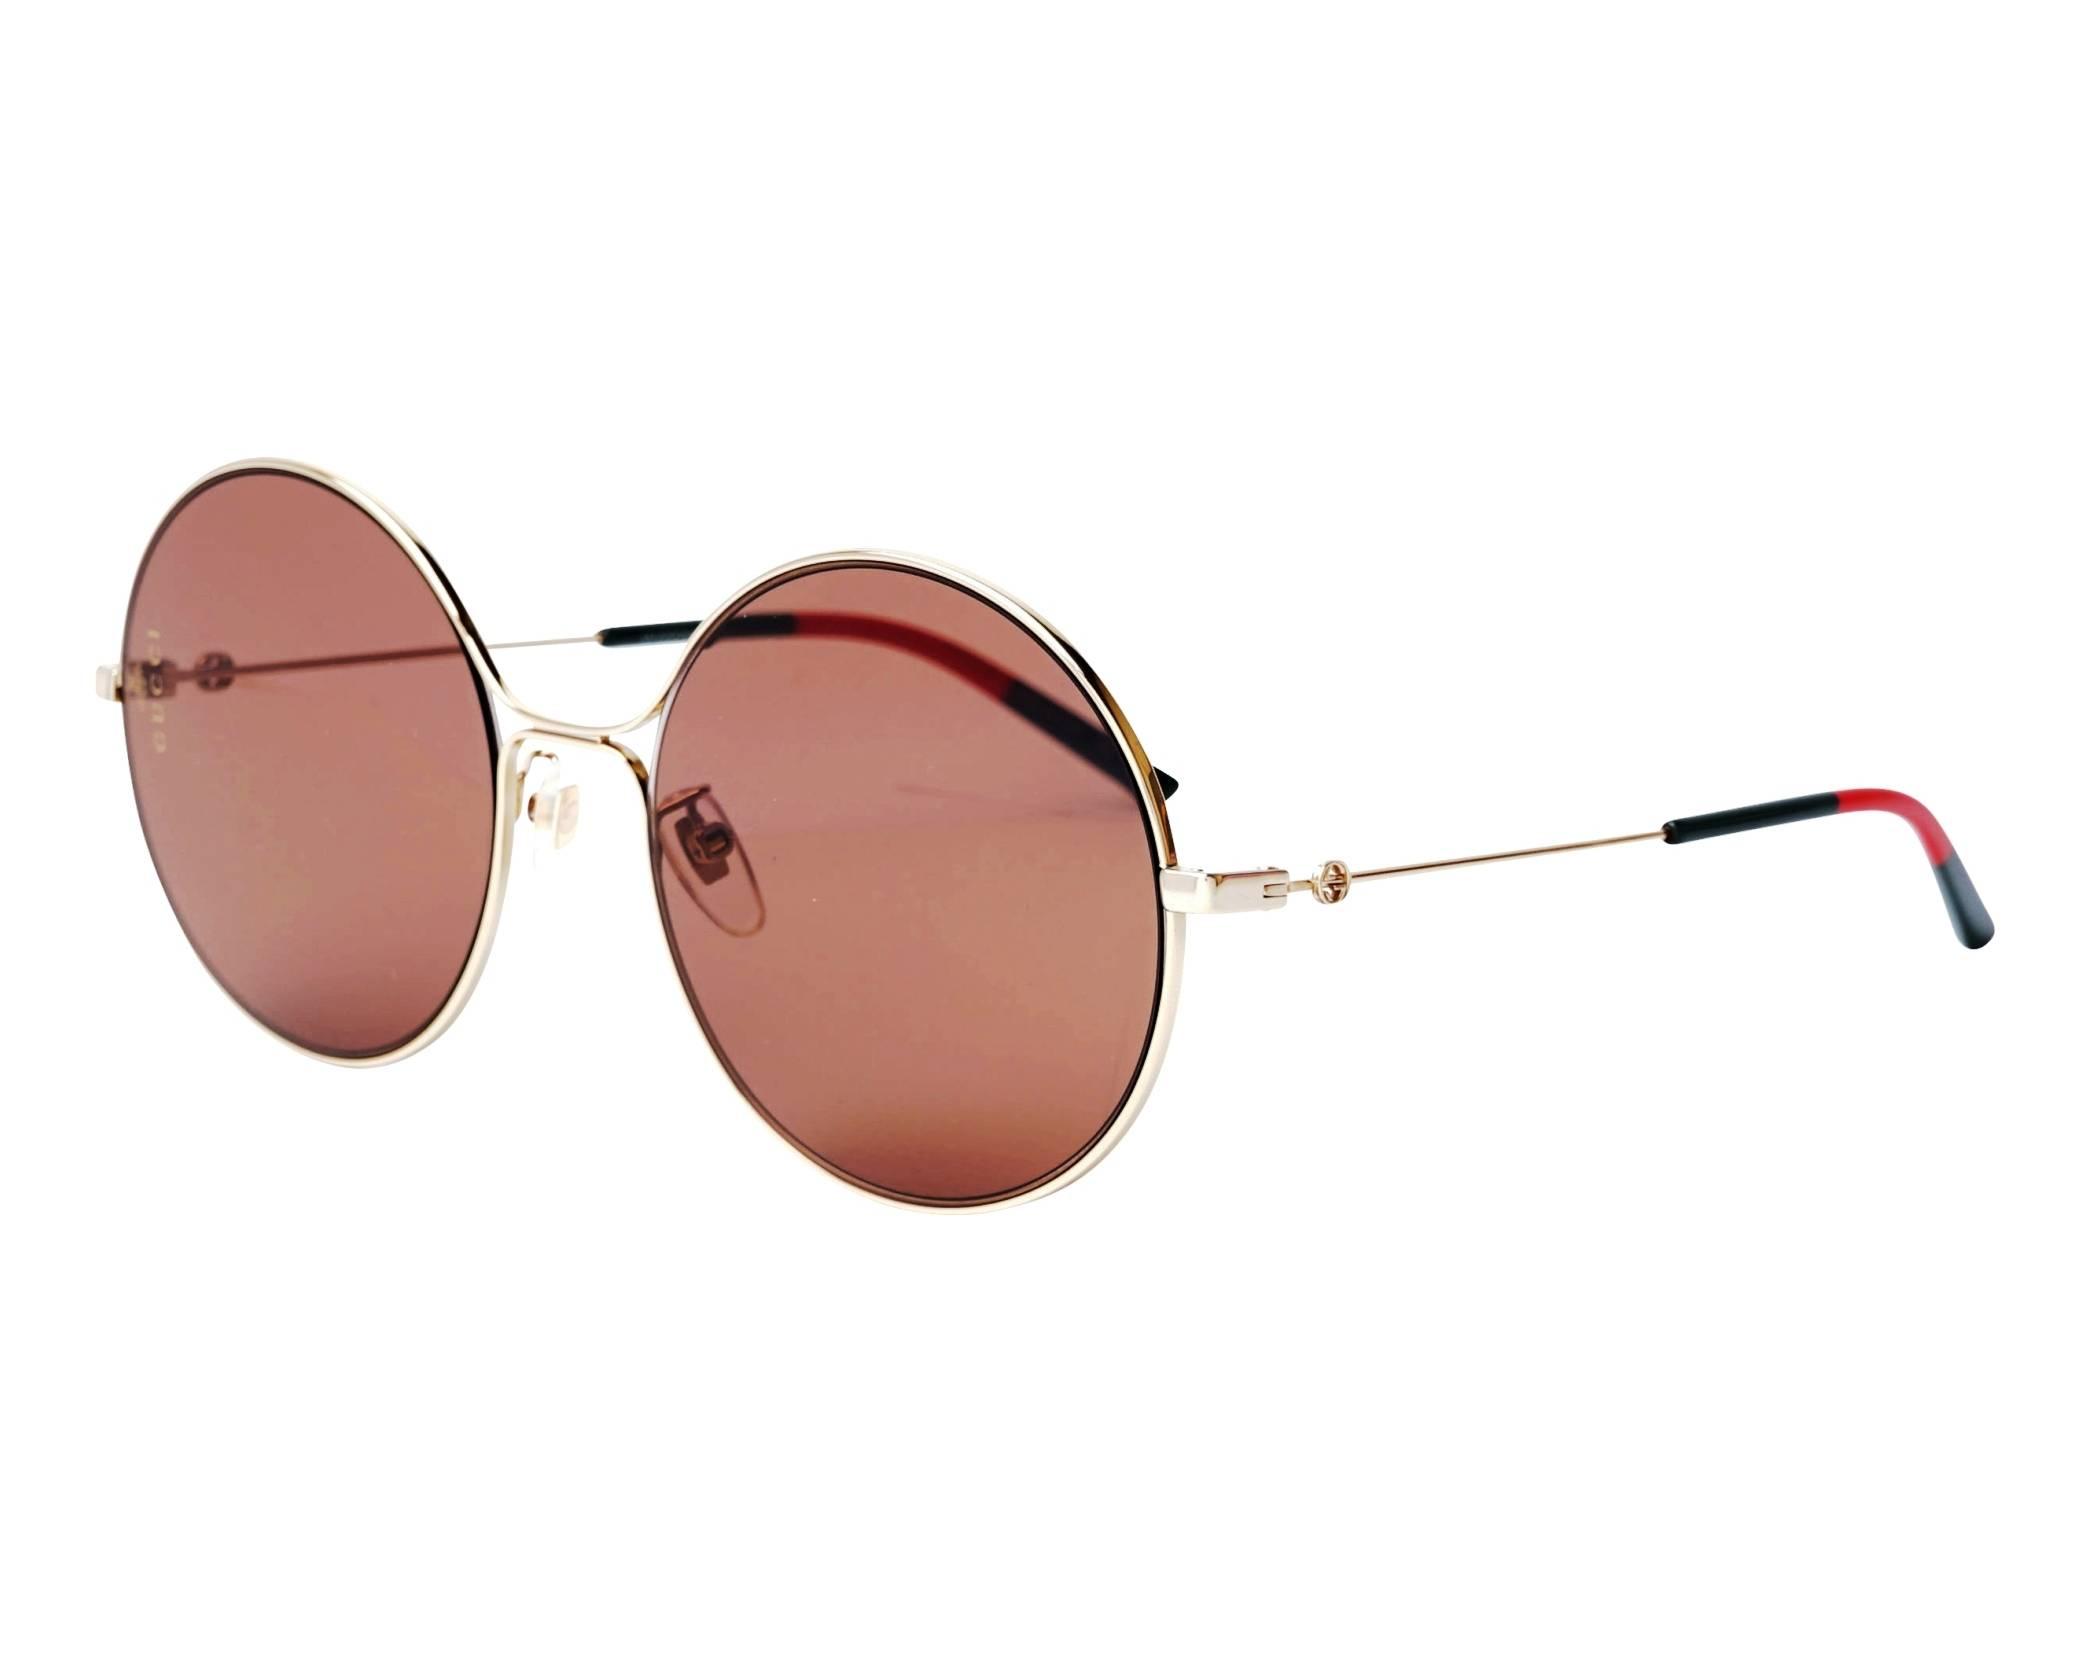 9f7b1bc3c3f Sunglasses Gucci GG-0395-S 002 58-20 Gold profile view